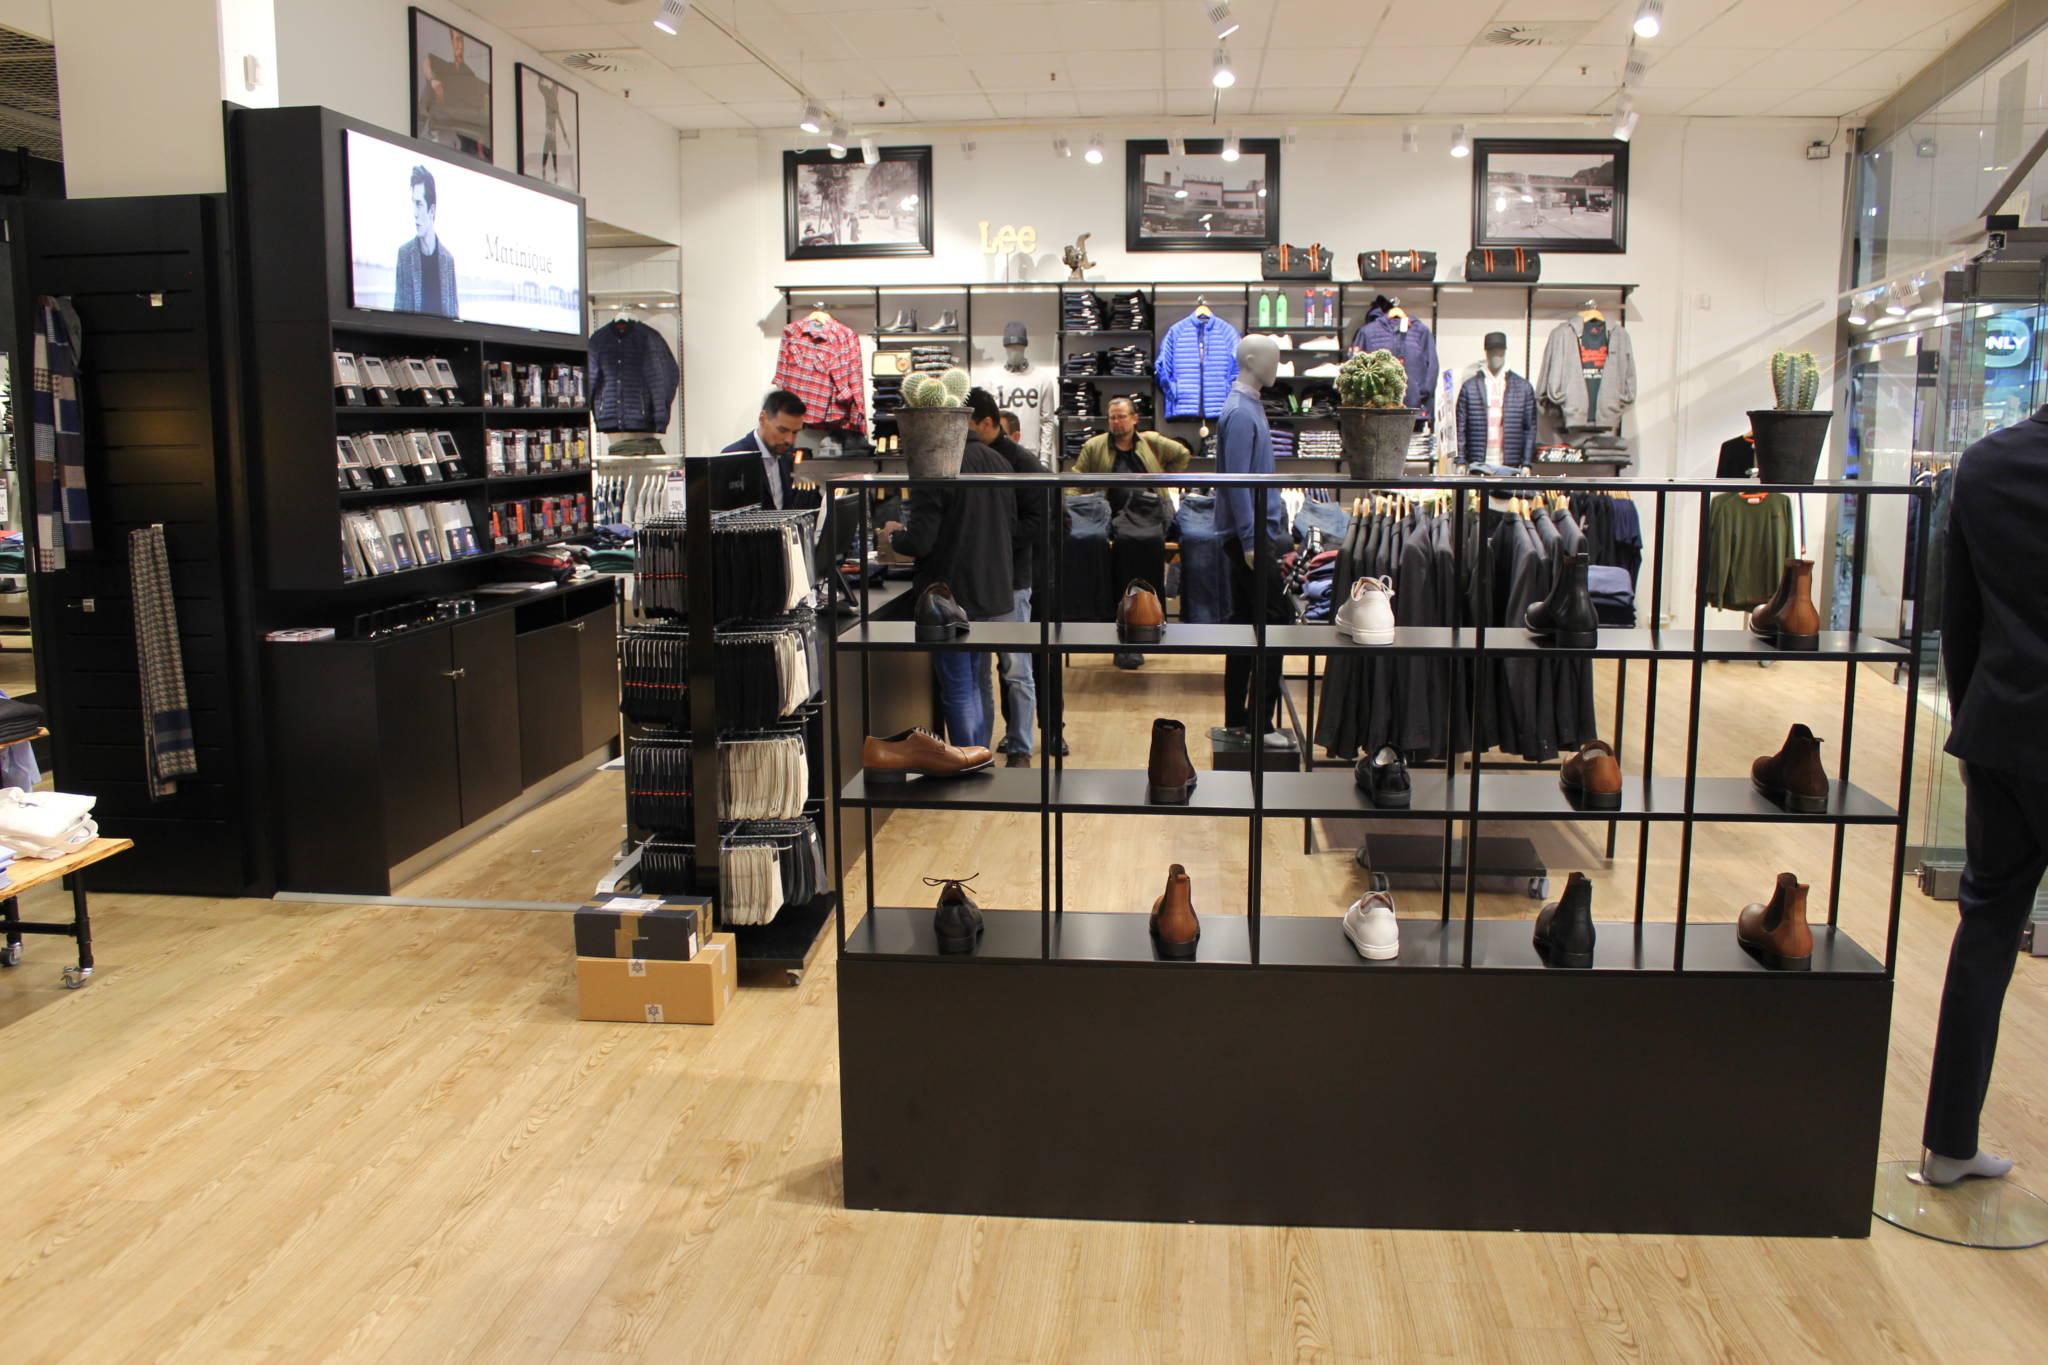 Trendy indrettet herrebutik med skoreol. Butiksindretning og butiksinventar